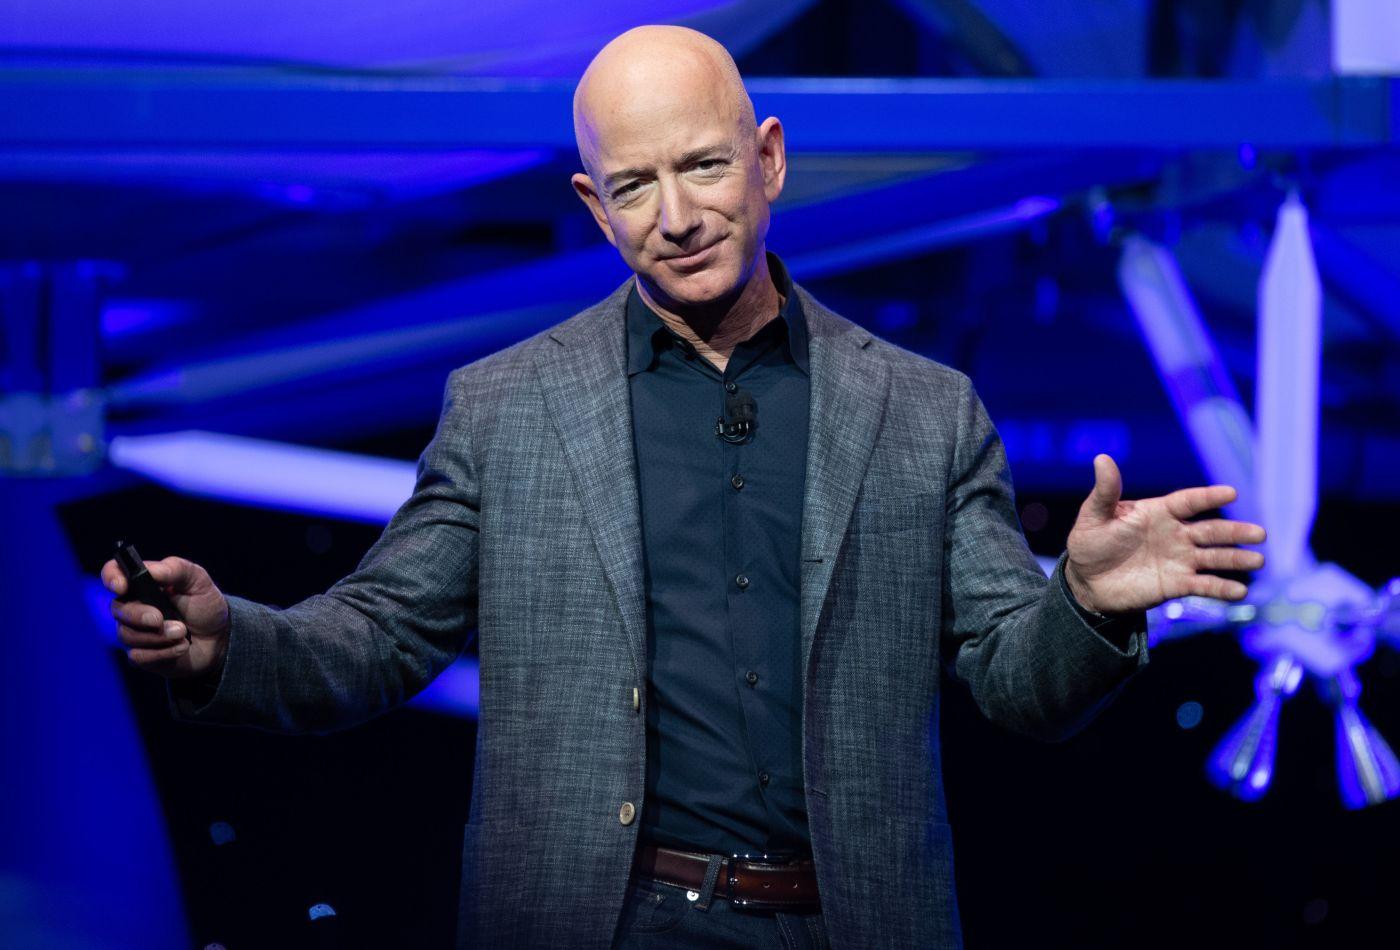 Tỷ phú giàu nhất TG khẳng định ai có 3 tố chất này nhất định sẽ thành công - 1